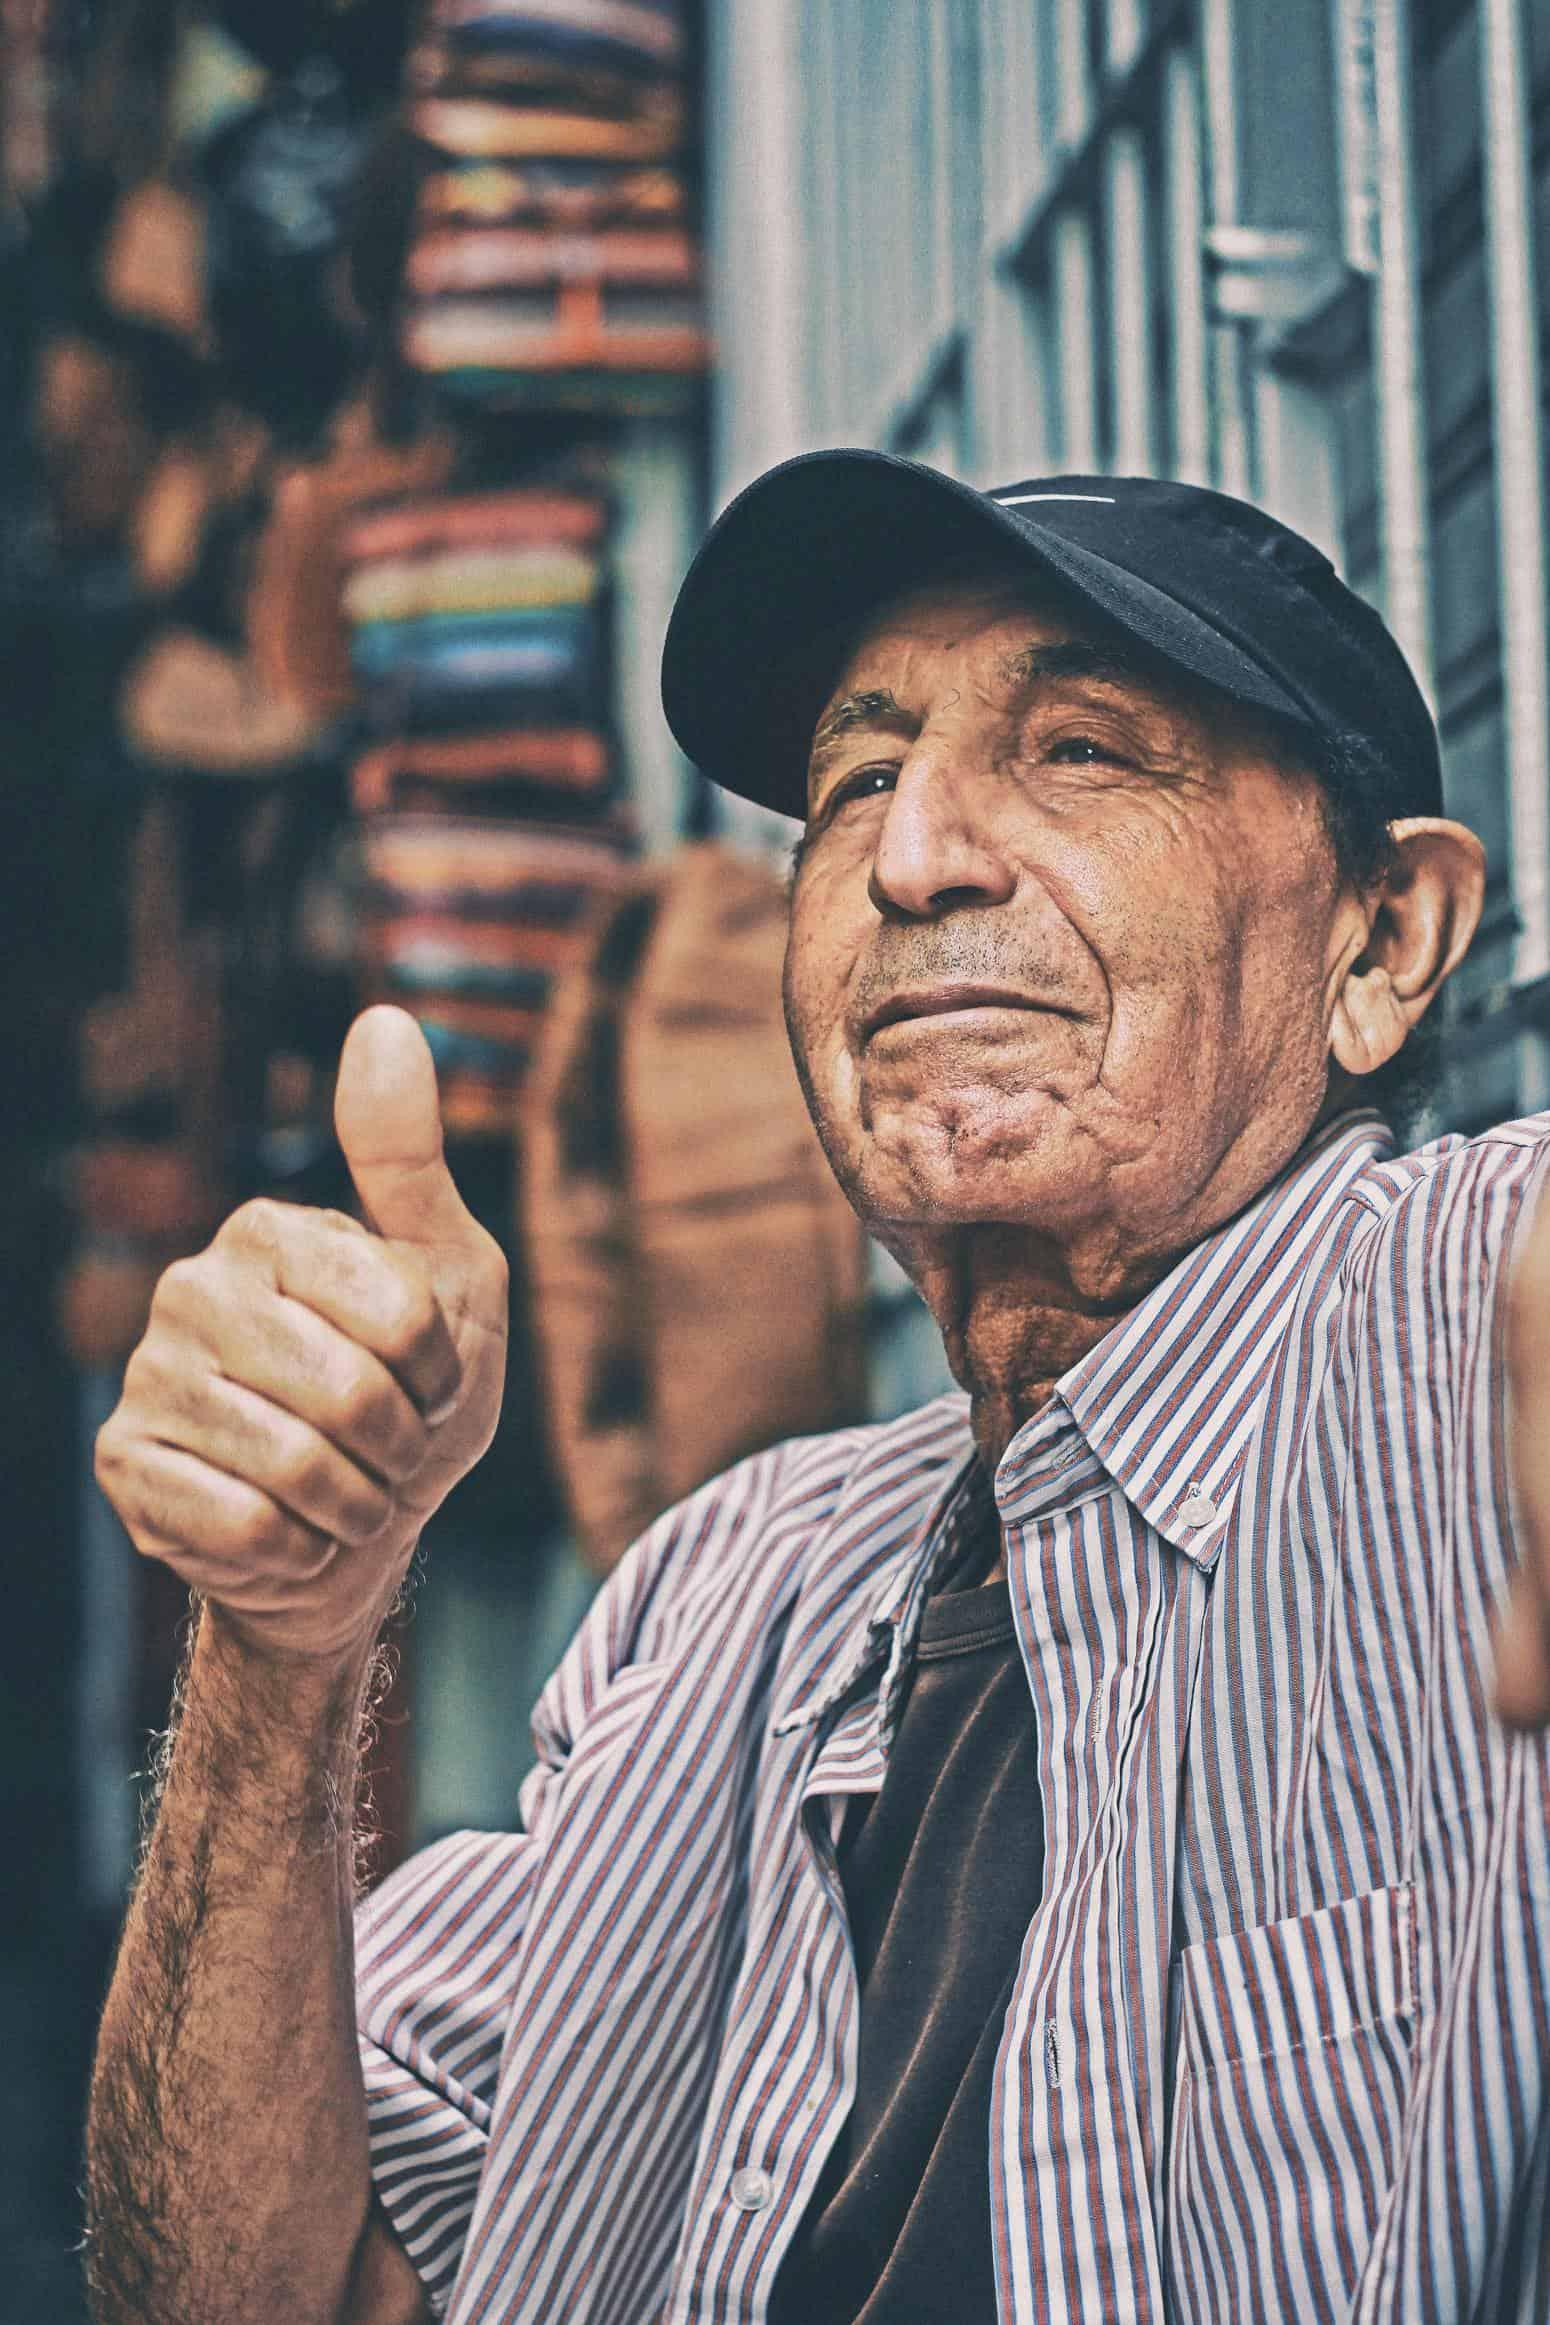 thumbs up elderly gentleman